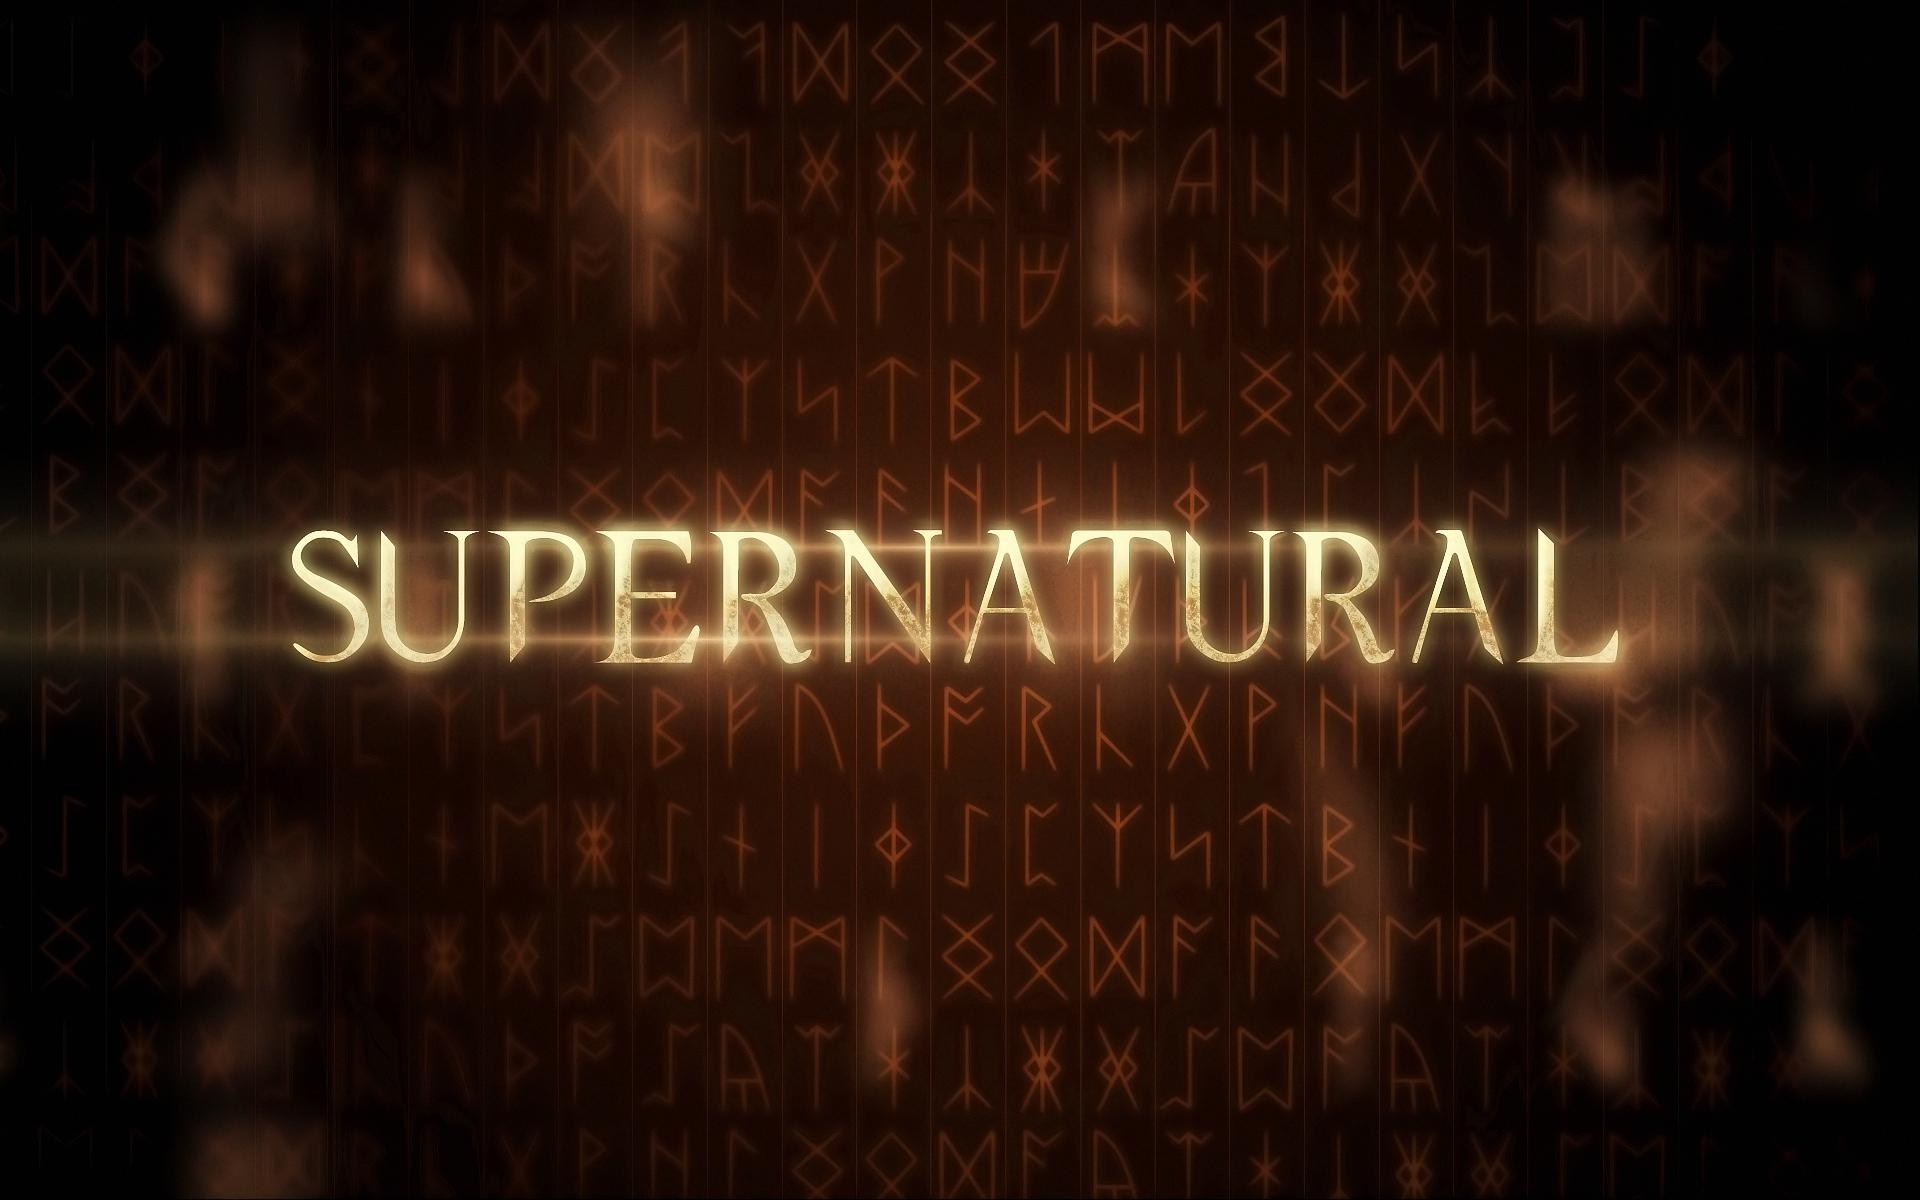 supernatural wallpapers